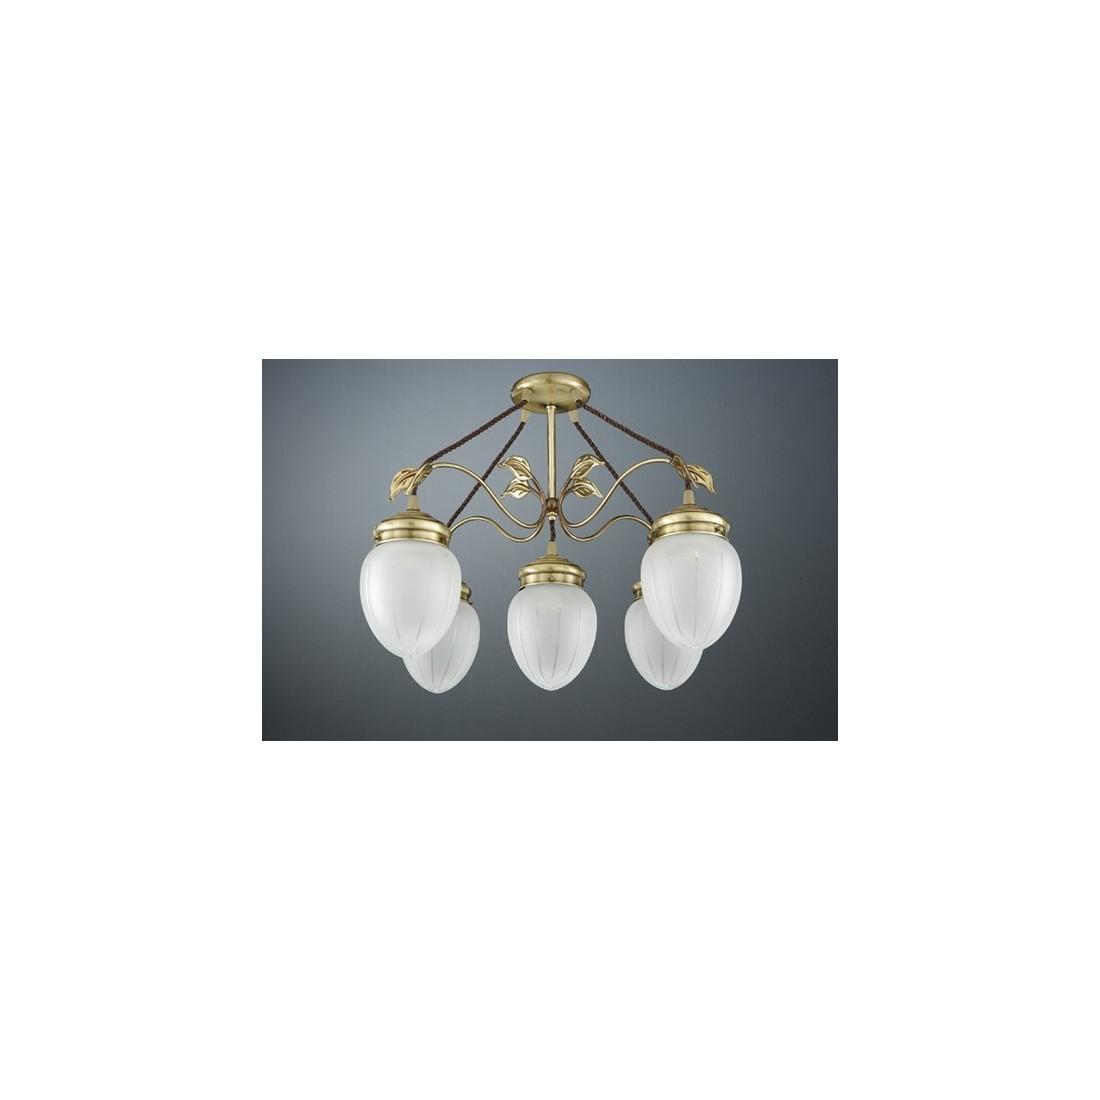 Luminarias de colgar de bronce con 3 brazos env o r pido y seguro - Lamparas clasicas de techo ...